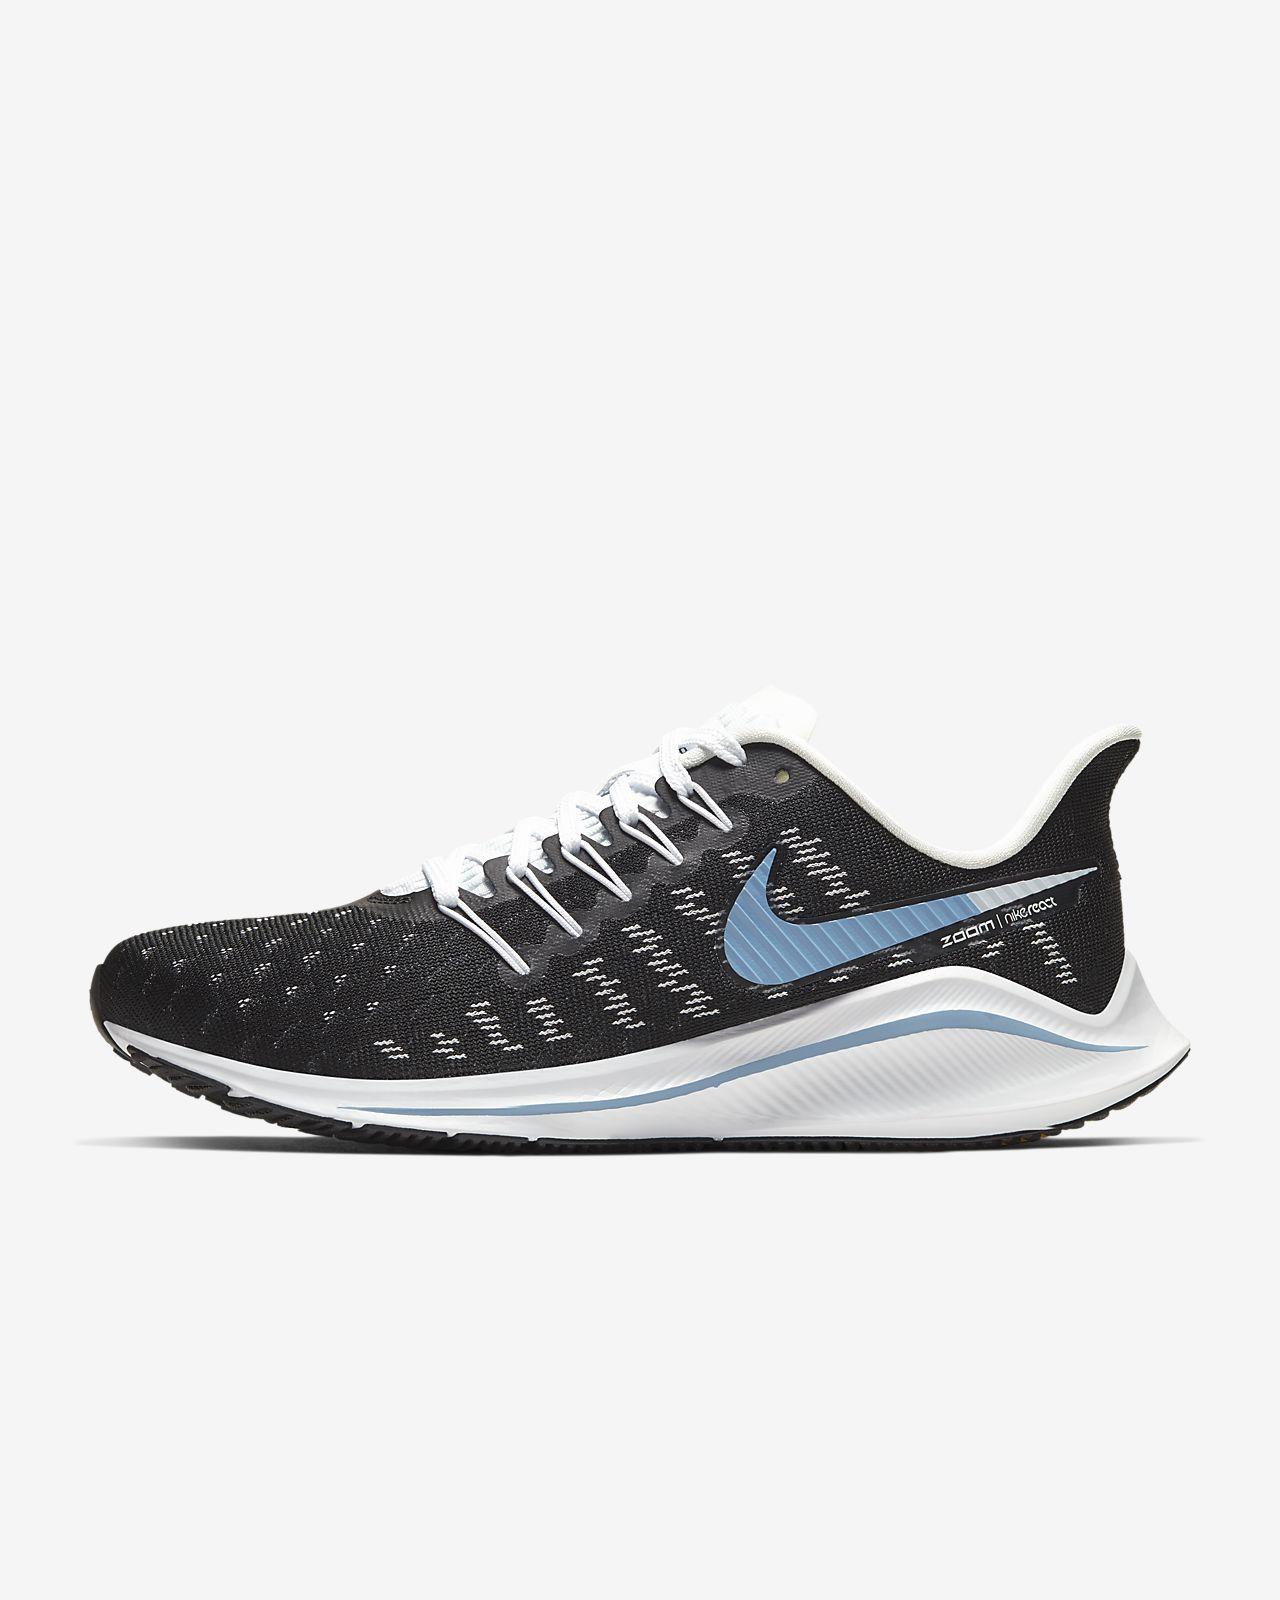 Nike Air Zoom Vomero 14 løpesko til dame